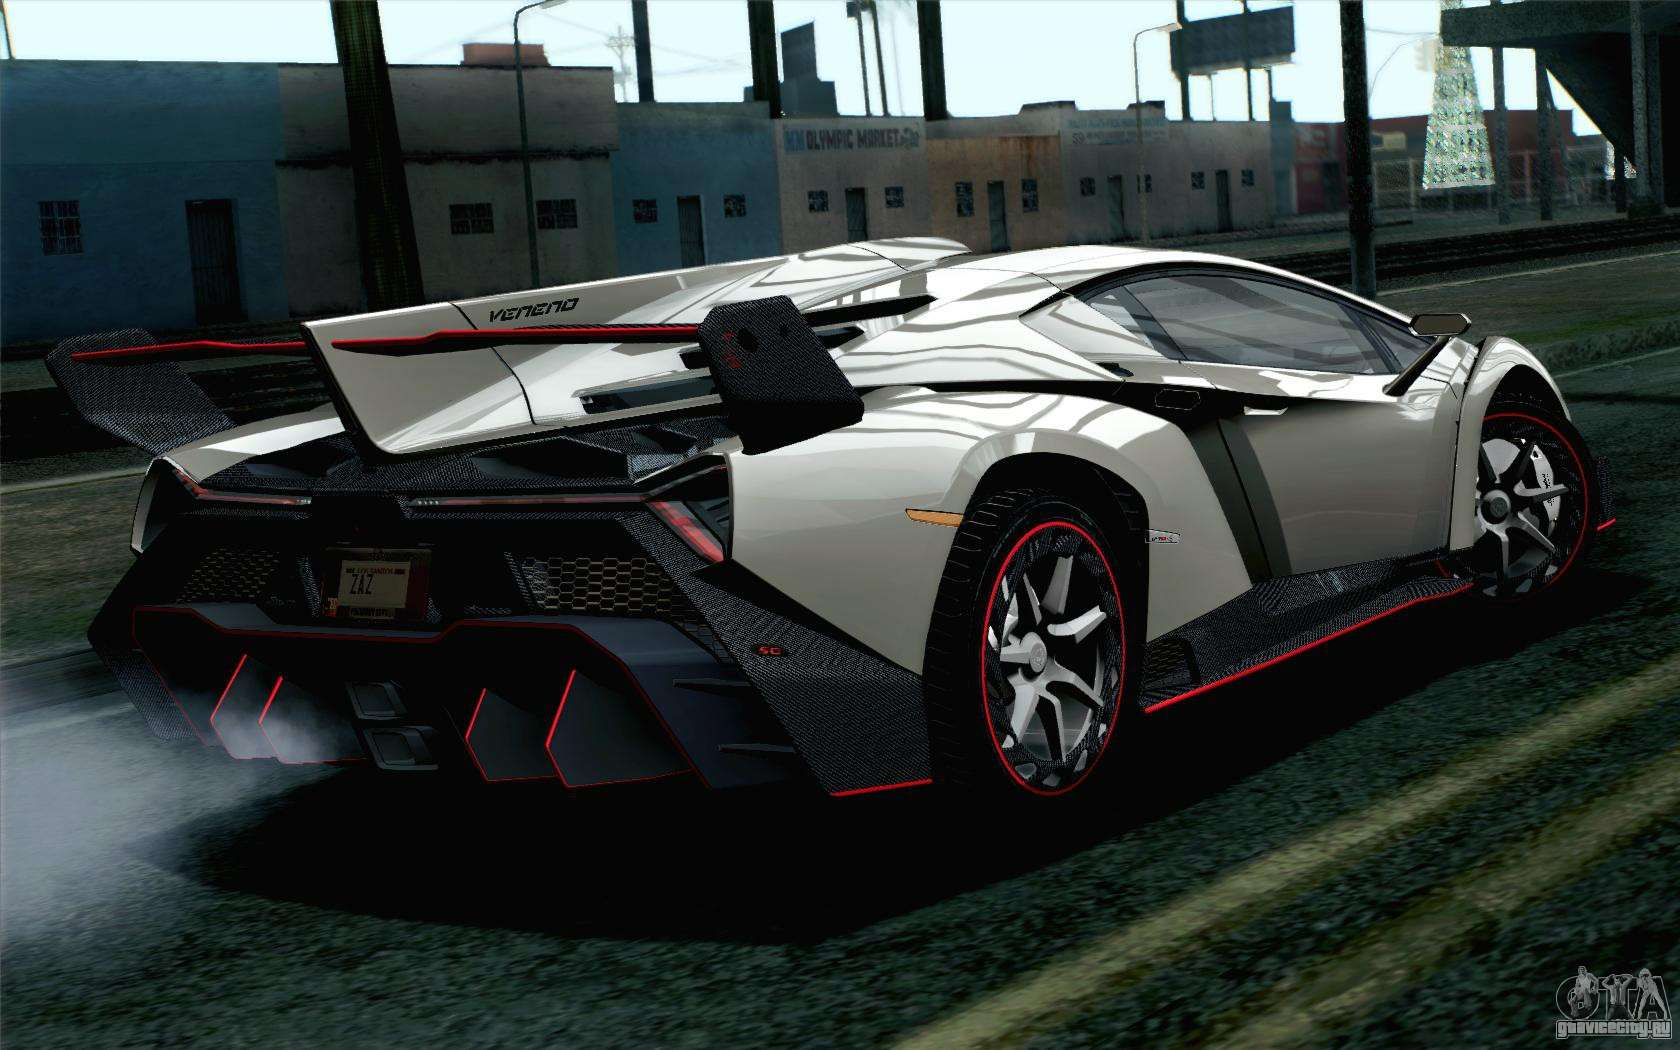 NFS Rivals Lamborghini Veneno        GTA San Andreas                      Nfs Rivals Lamborghini